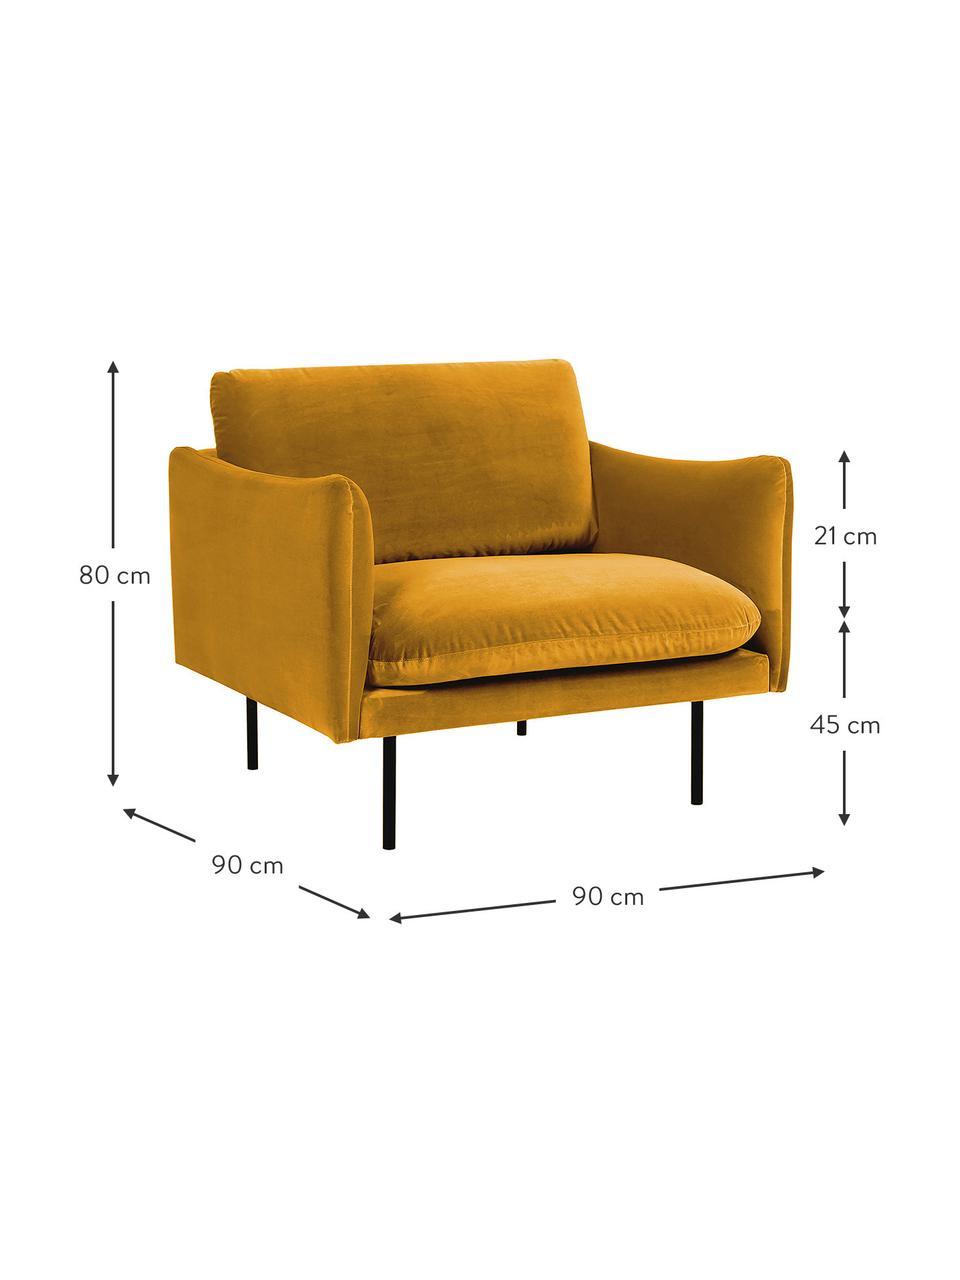 Samt-Sessel Moby in Senfgelb mit Metall-Füßen, Bezug: Samt (Hochwertiger Polyes, Gestell: Massives Kiefernholz, Füße: Metall, pulverbeschichtet, Samt Senfgelb, B 90 x T 90 cm